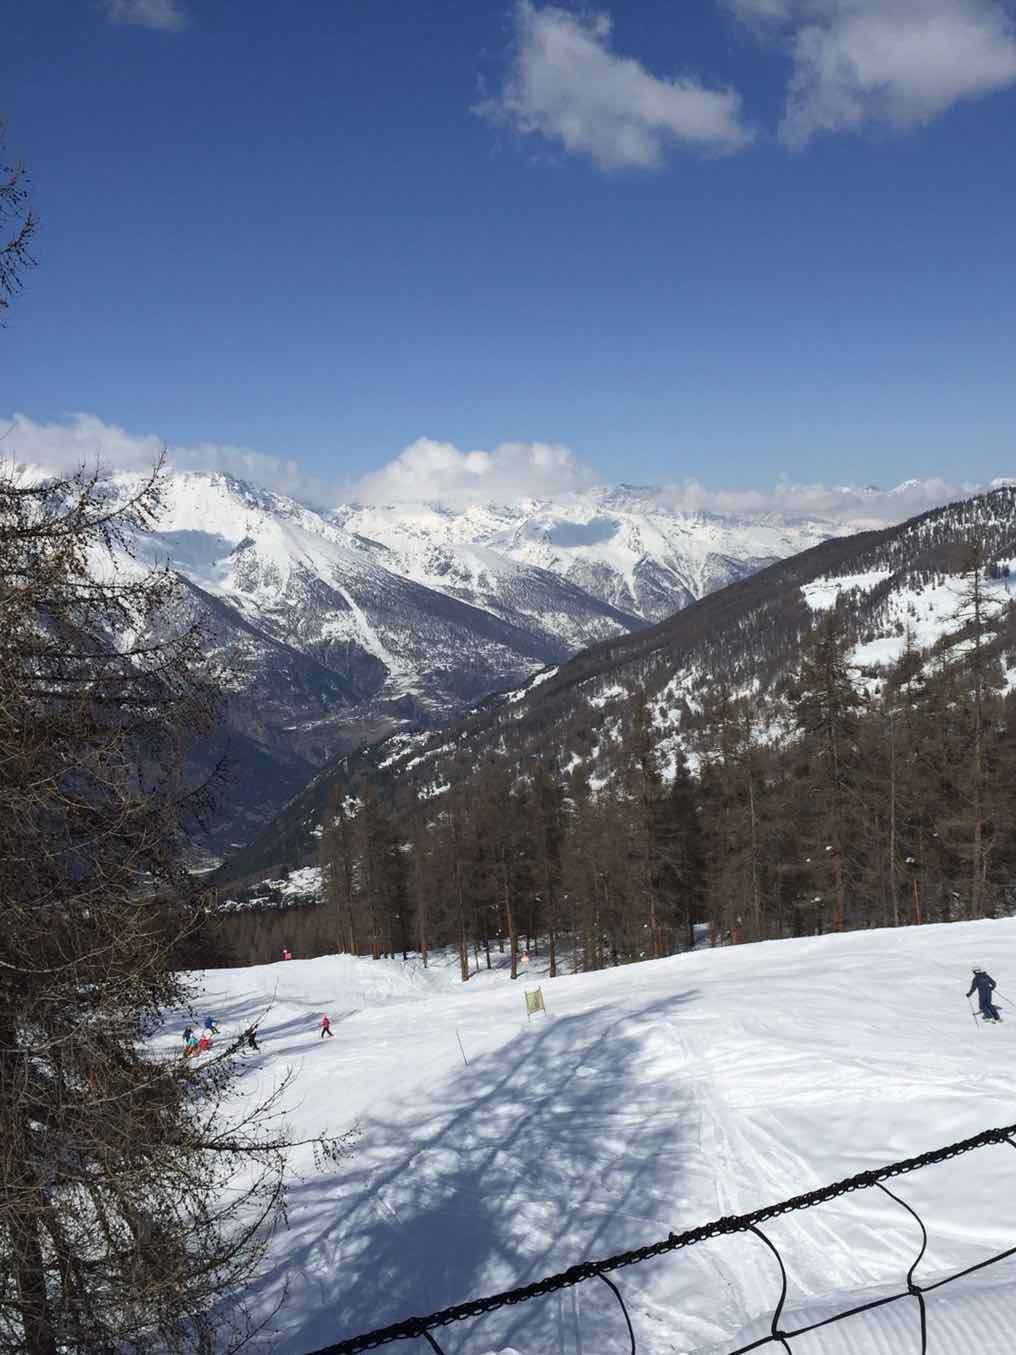 Alps Skiing | Bucket List Adventure | The Spectacular Adventurer